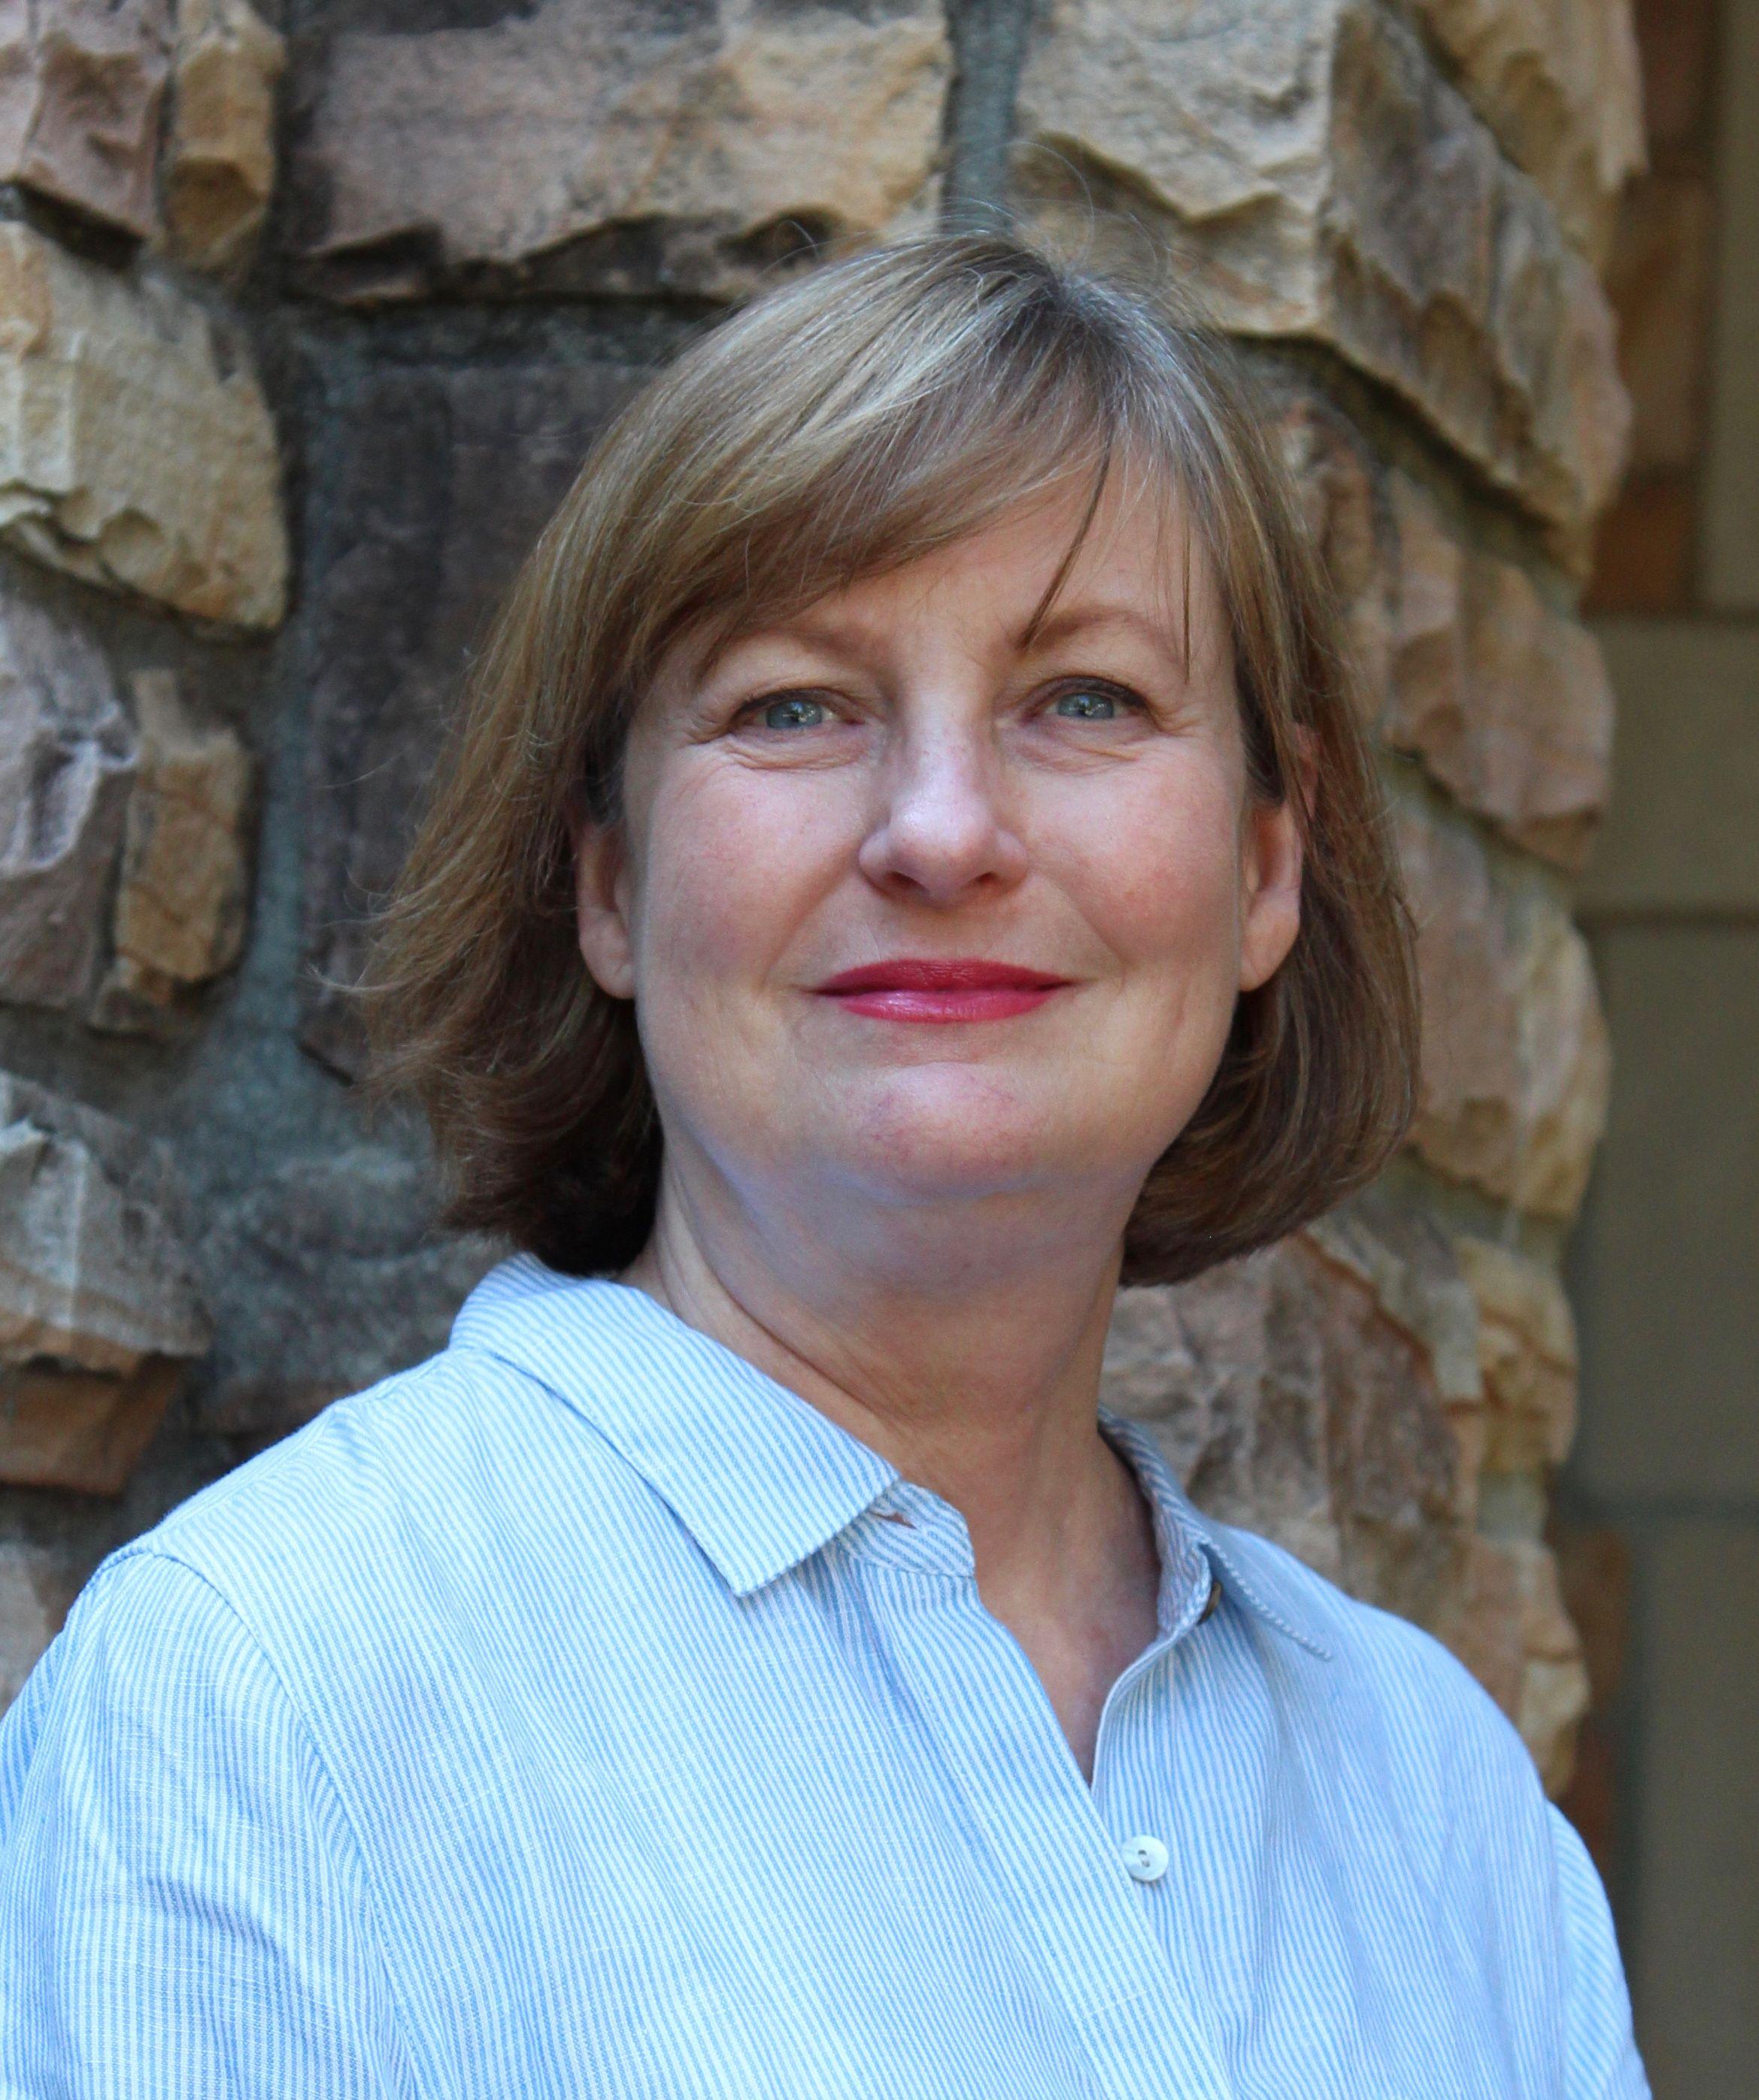 Cindy Shaw